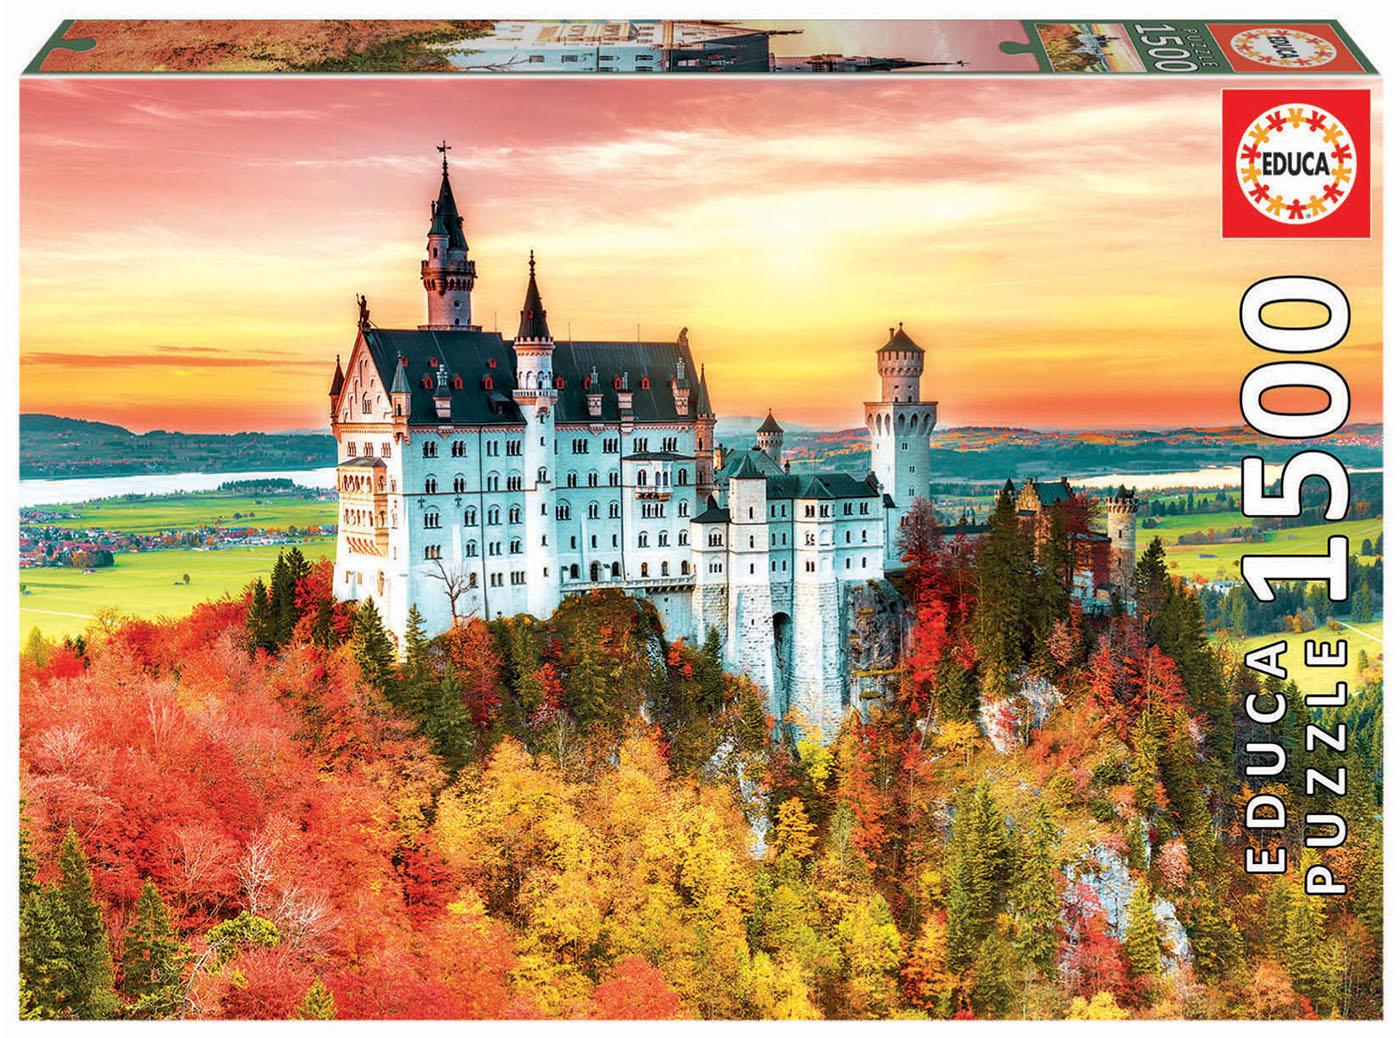 1500 Outono em Neuschwanstein